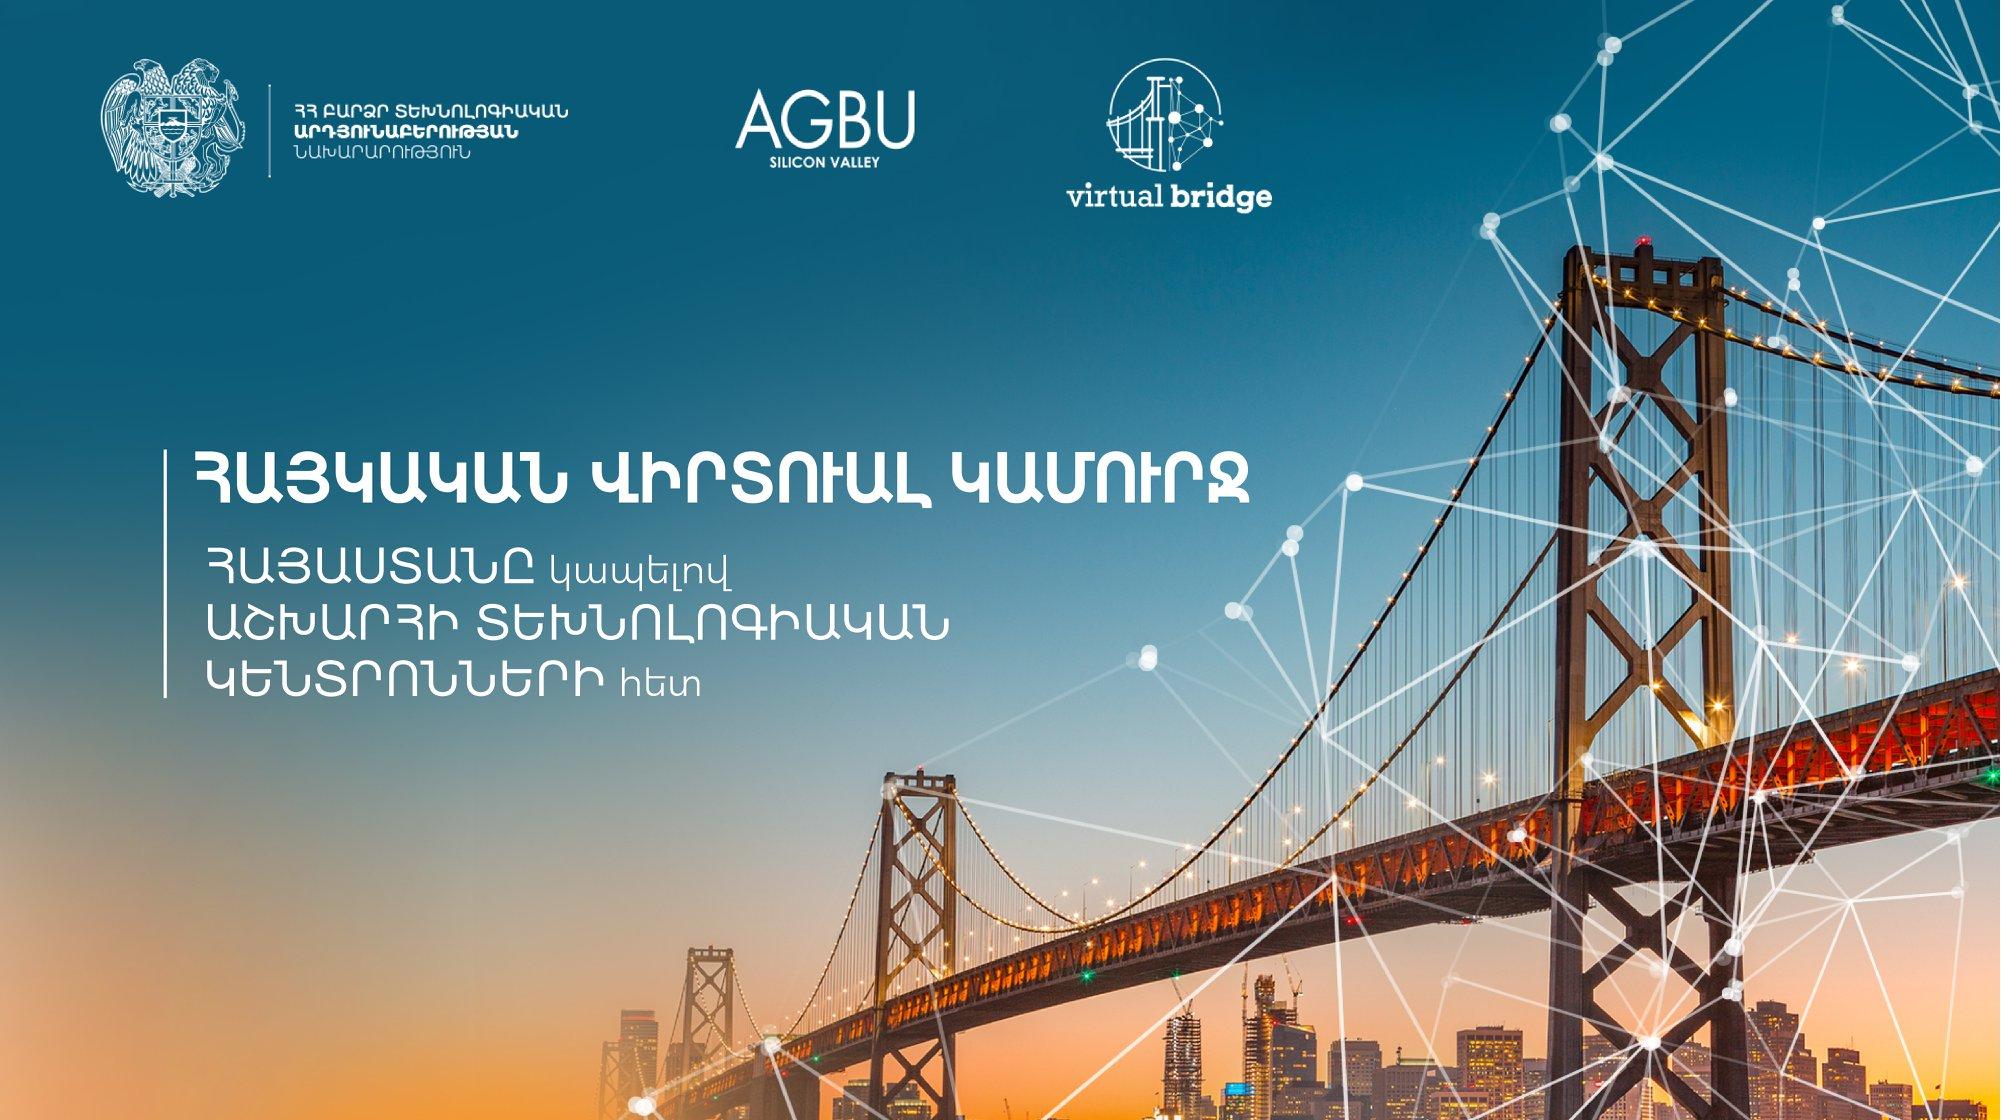 Վիրտուալ կամուրջ՝ Հայաստանի և սփյուռքի միջև. հայկական ընկերությունները կծանոթանան միջազգային փորձին